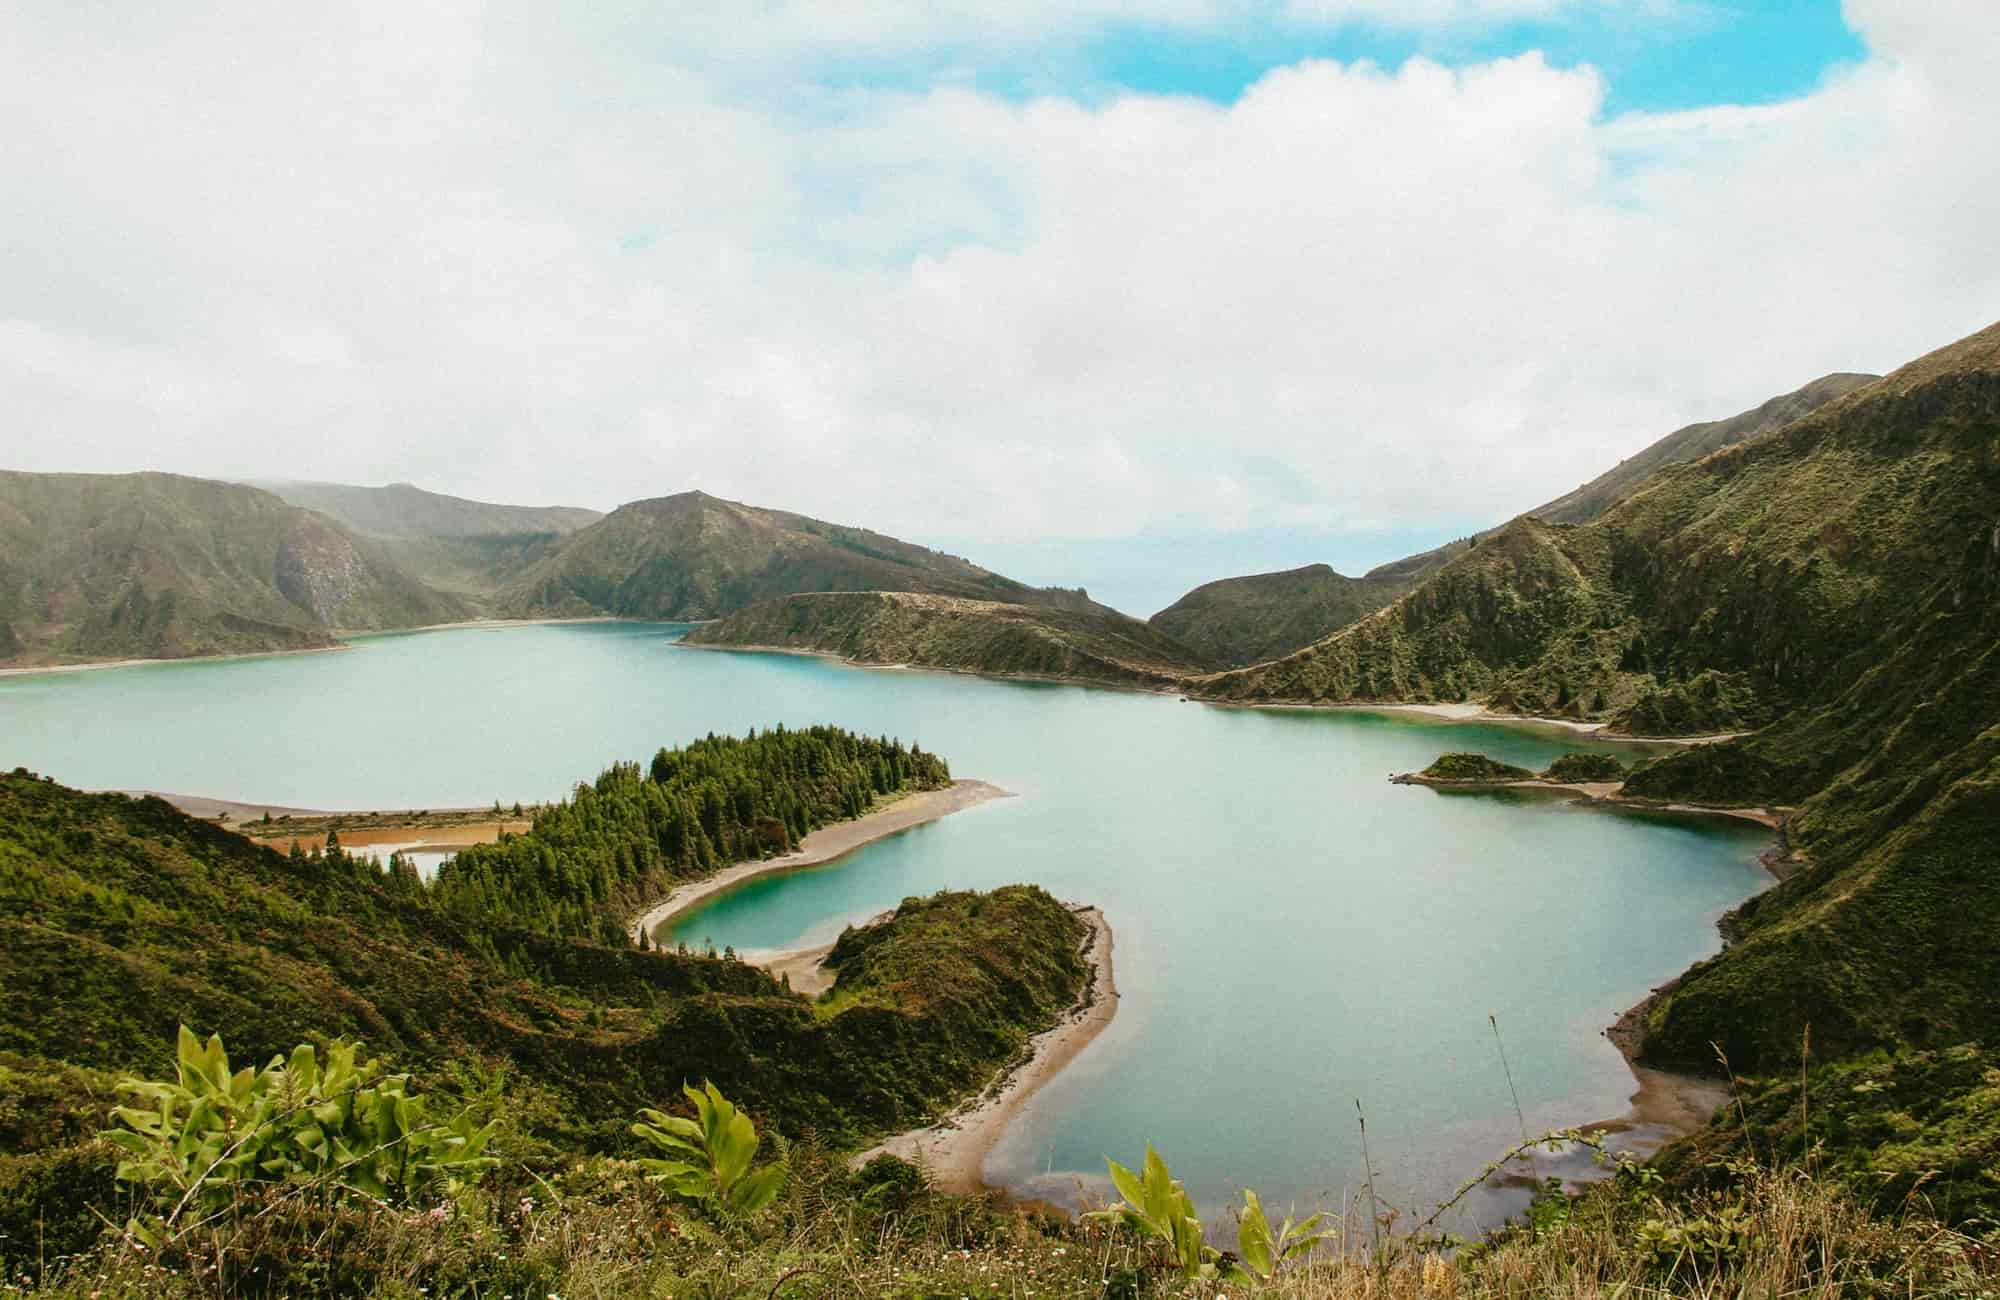 Voyage Açores - Lagoa do Fogo - São Miguel - Amplitudes